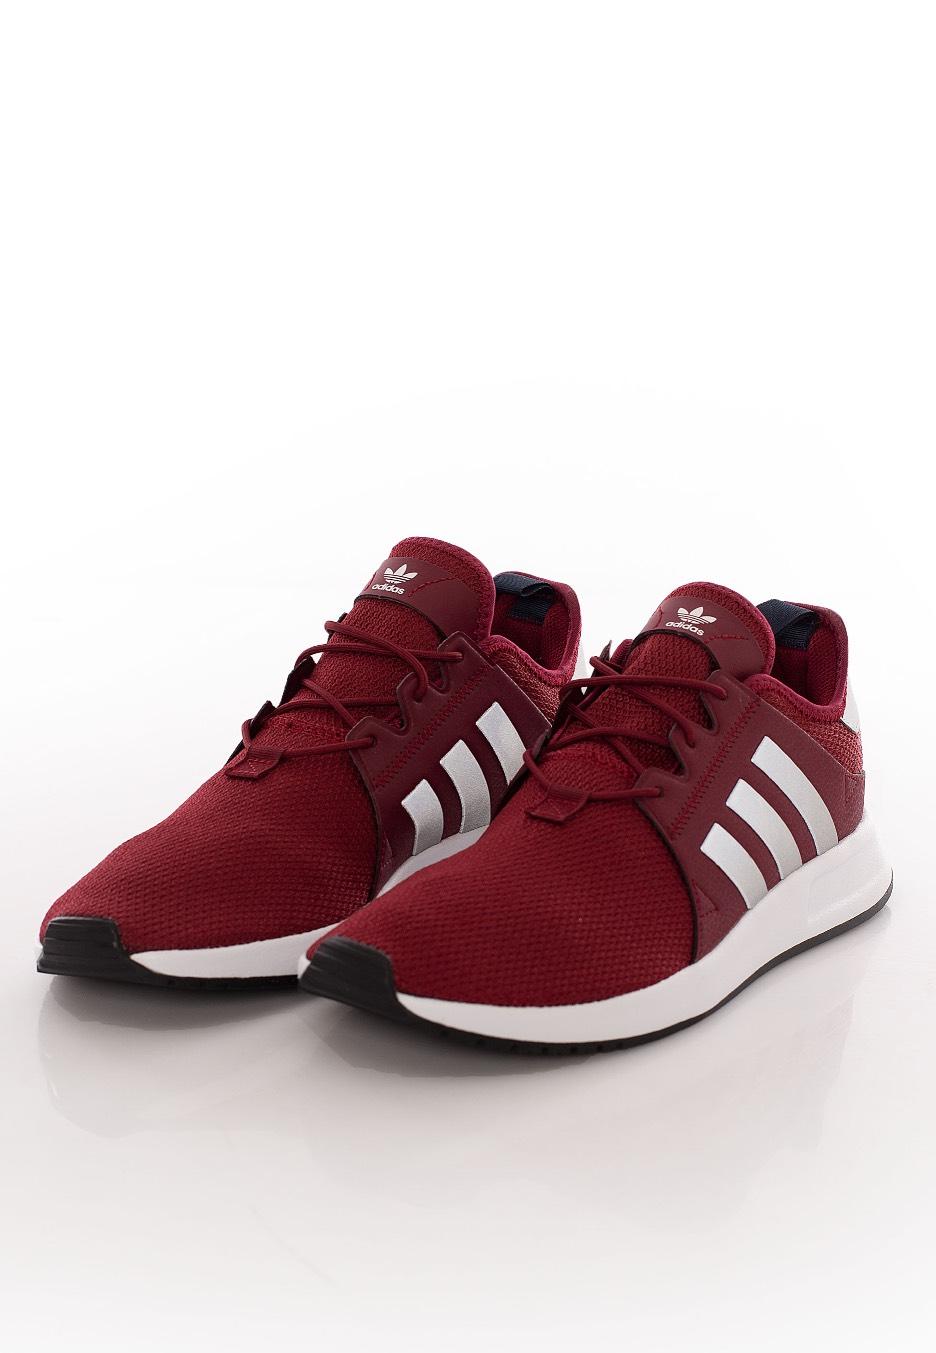 Adidas - X_PLR Collegiate Burgundy